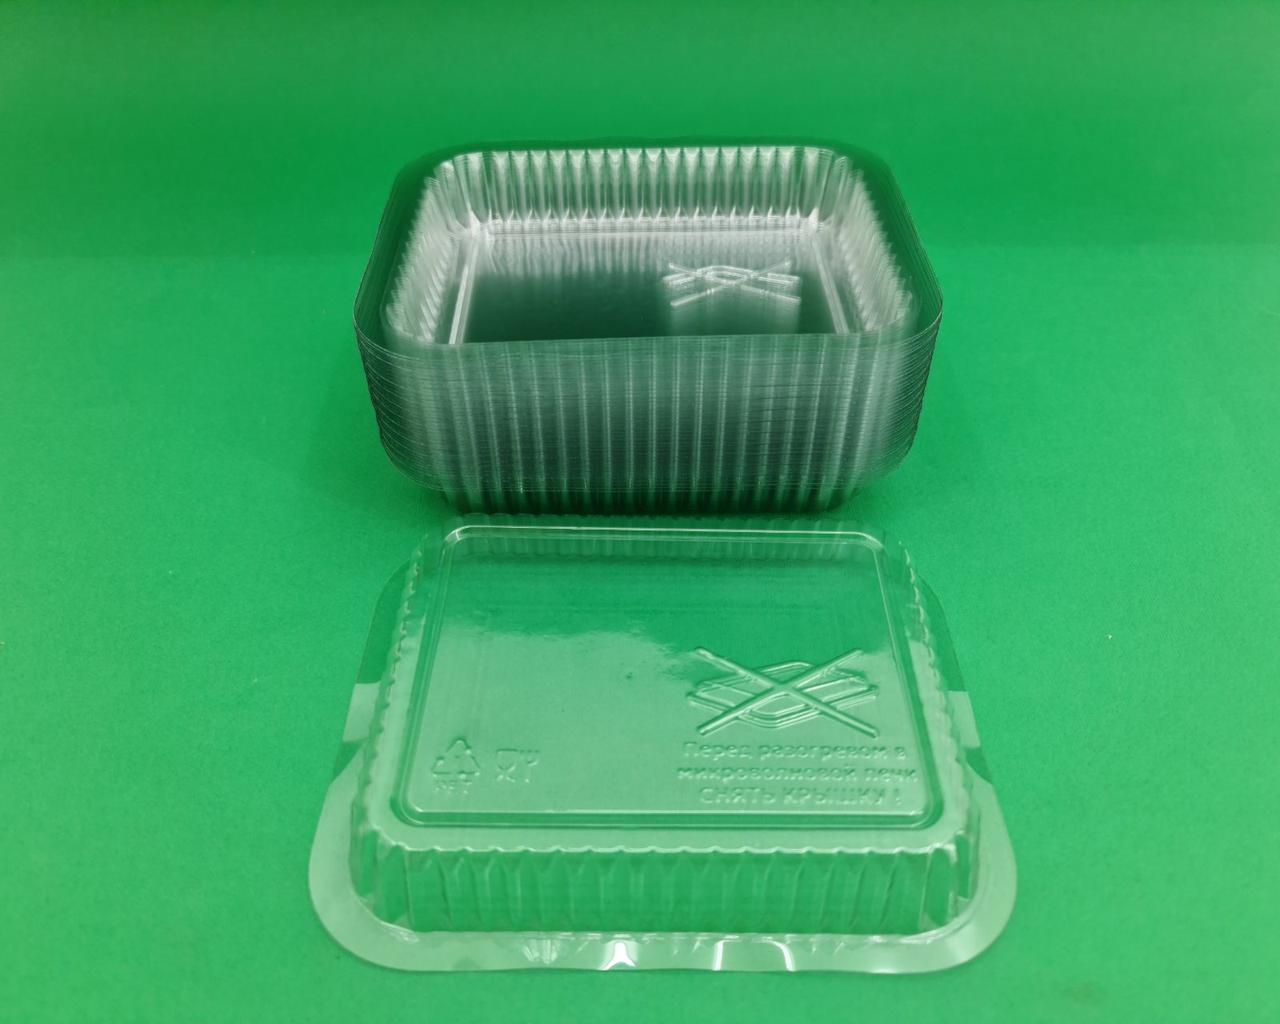 Кришка на алюмінієвий контейнер з PET артикул SP24L 100 штук (1 пач.)